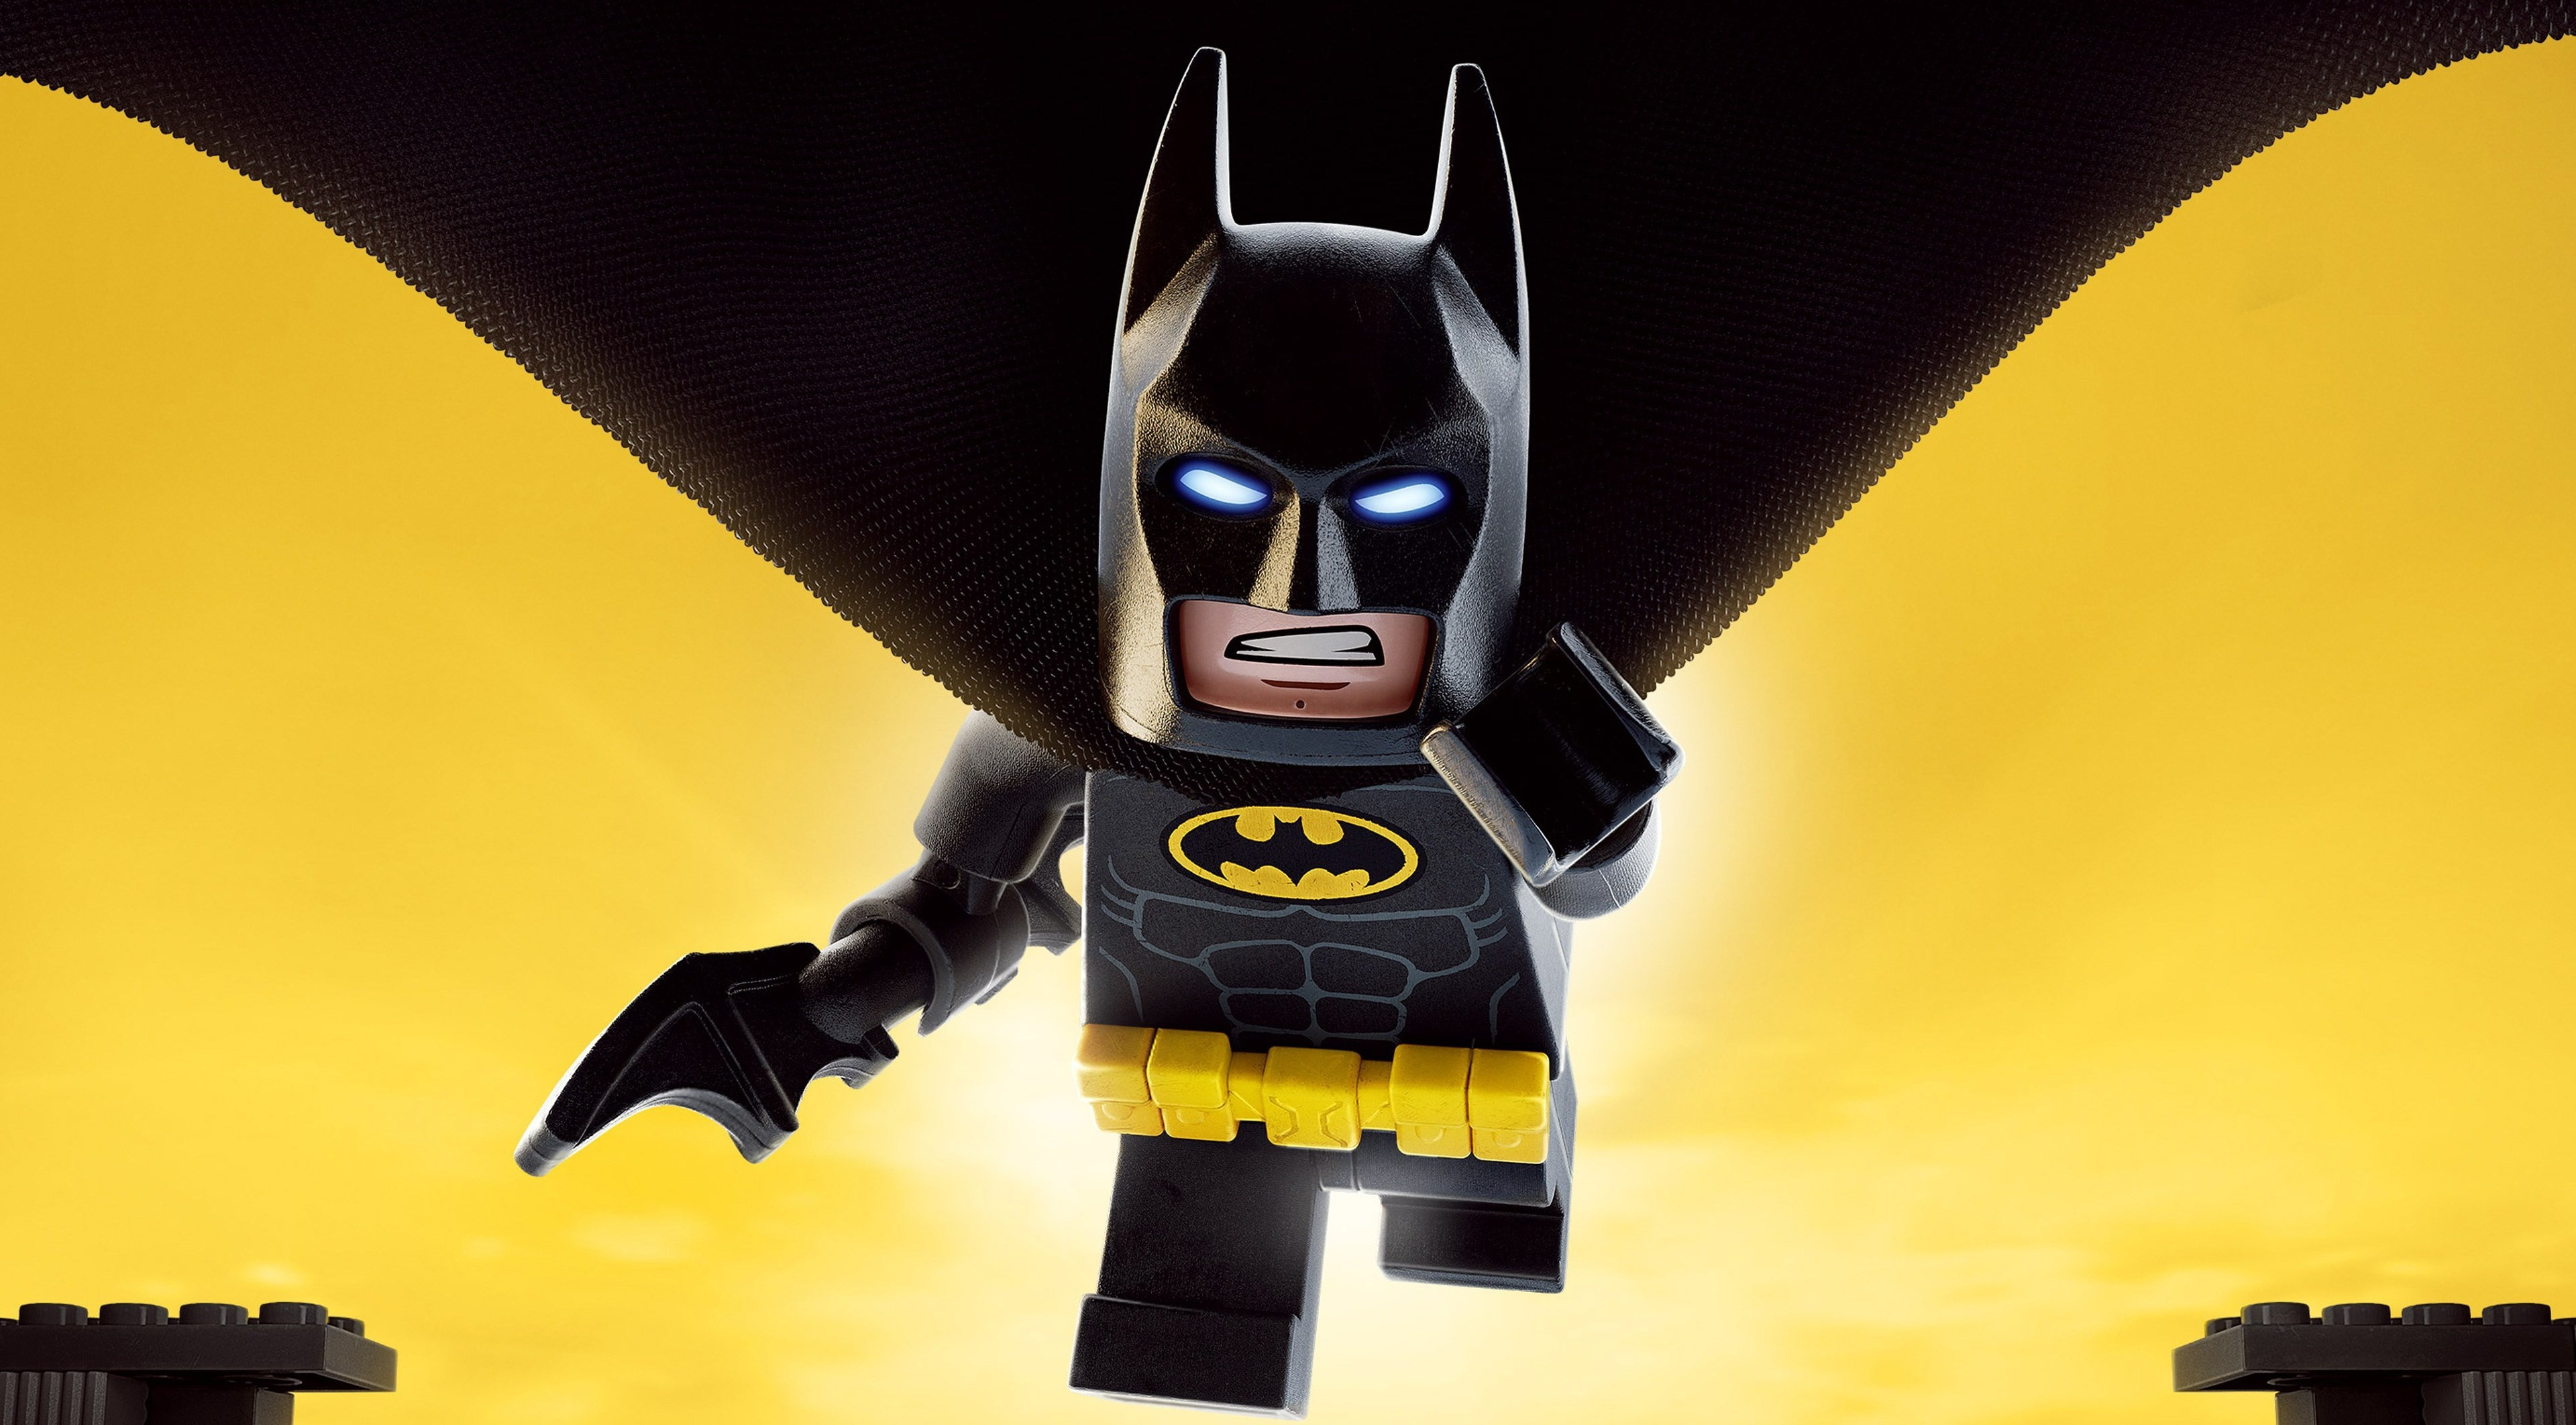 Лего Фильм Бэтмен 2017  отзывы о фильме зрителей и